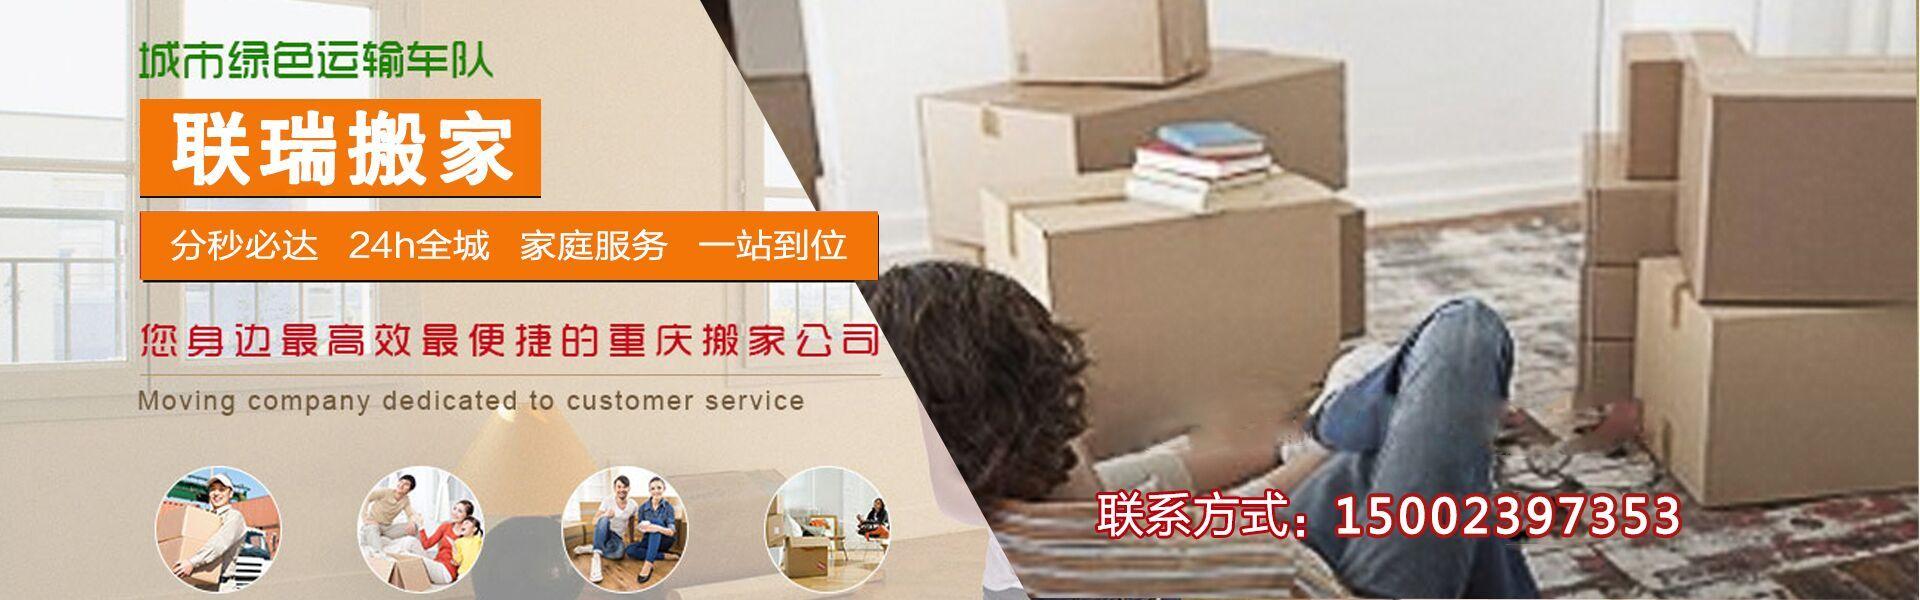 重庆搬家公司为你提供专业,专注,精致的搬家定制方案